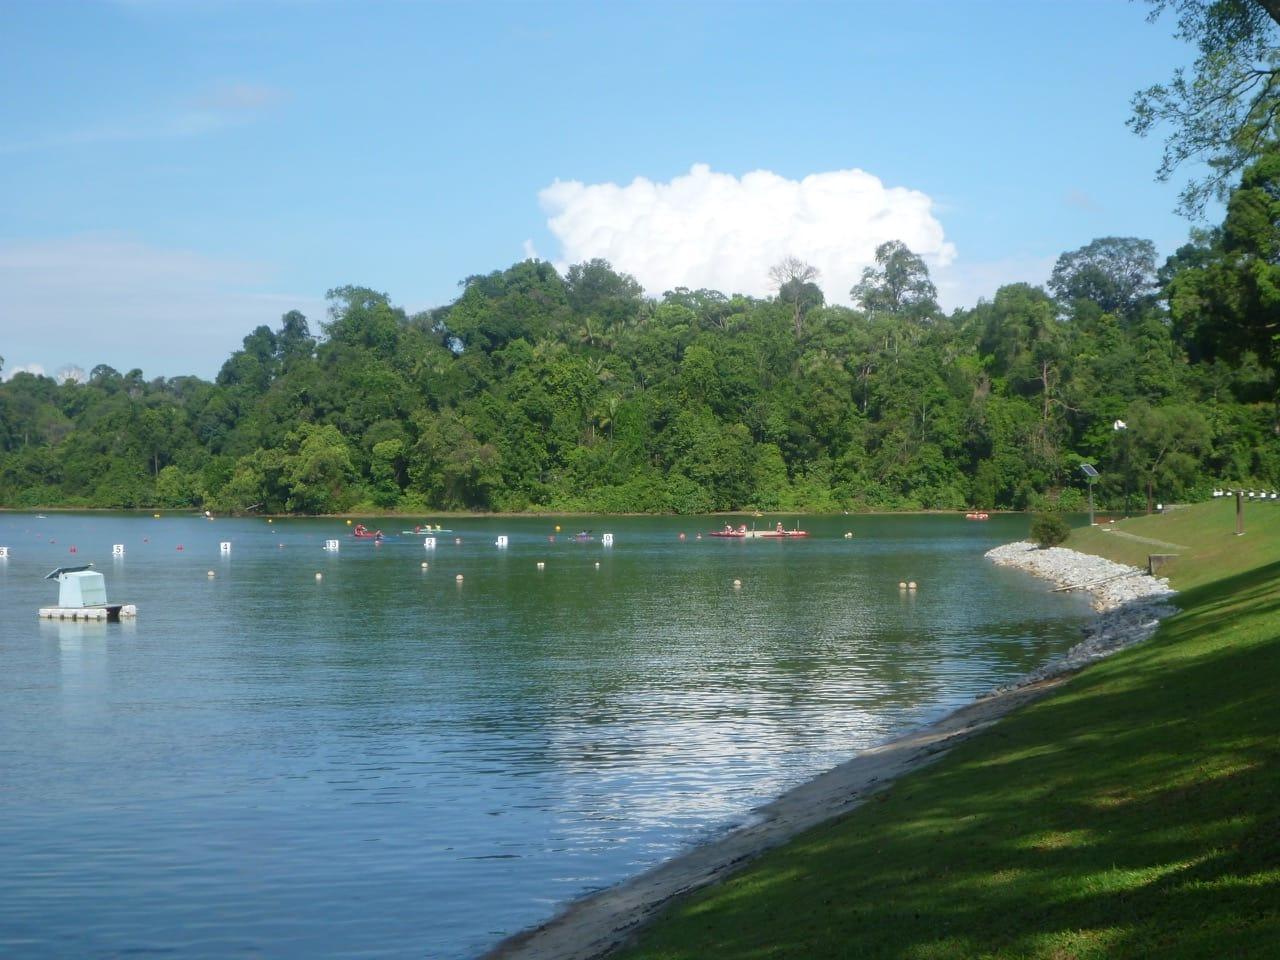 ghé khu bảo tồn macritchie là một trong những điểm đến ở singapore cho hội độc thân